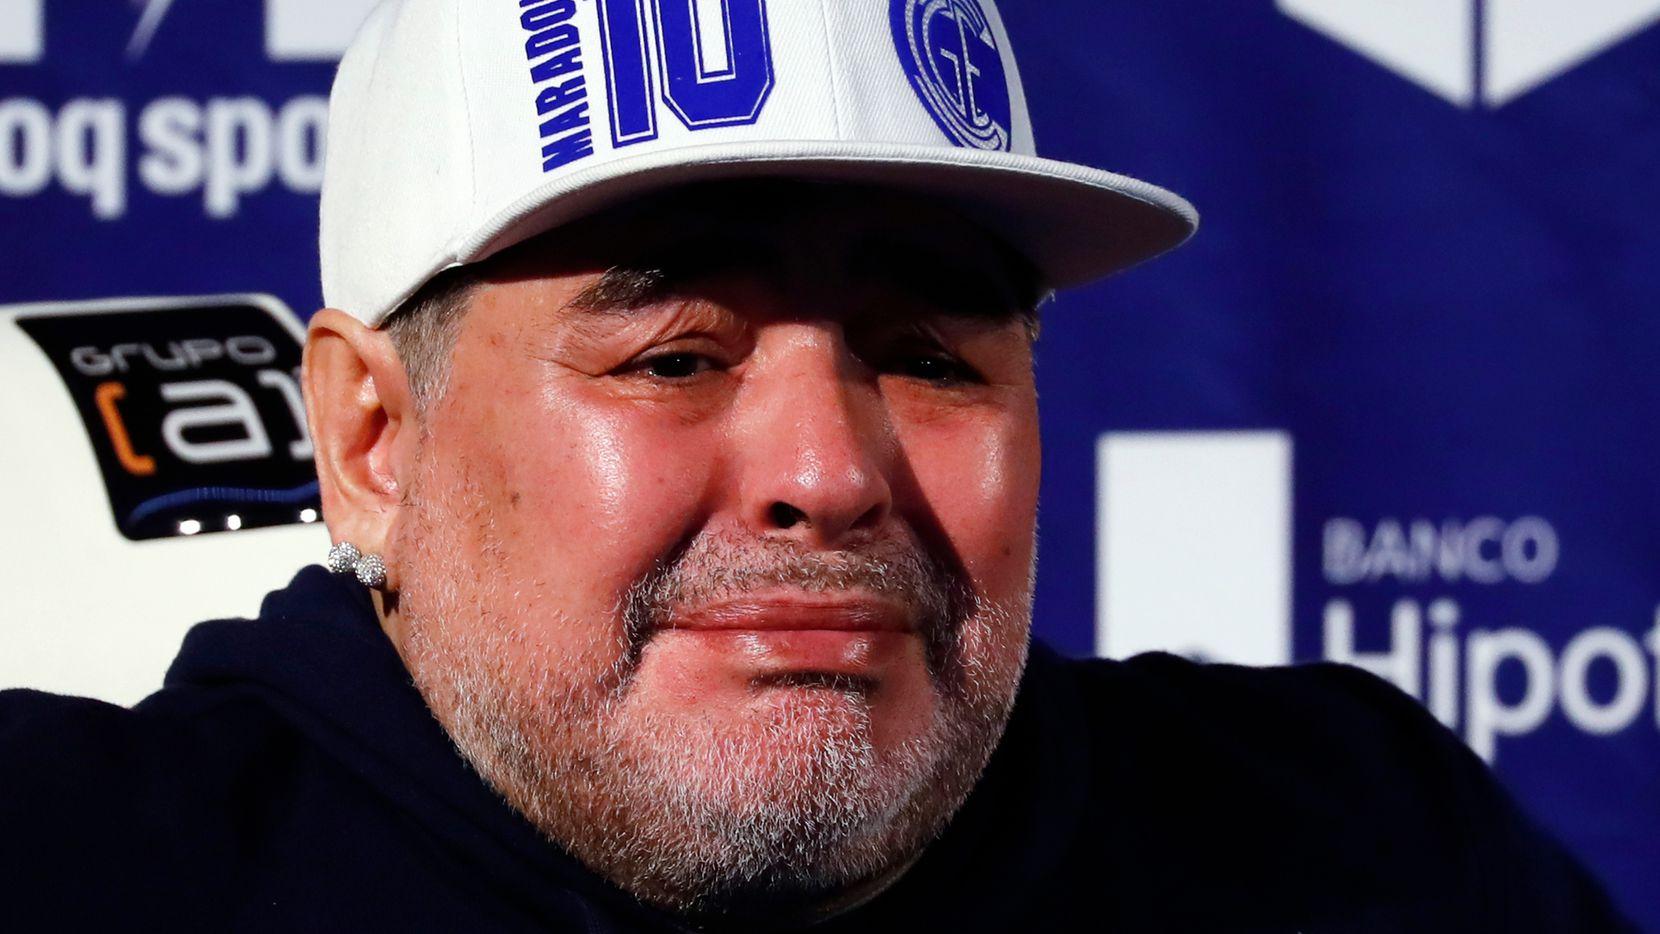 Diego Armando Maradona padecía varias condiciones físicas y de salud mental, reveló el reporte de su autopsia.